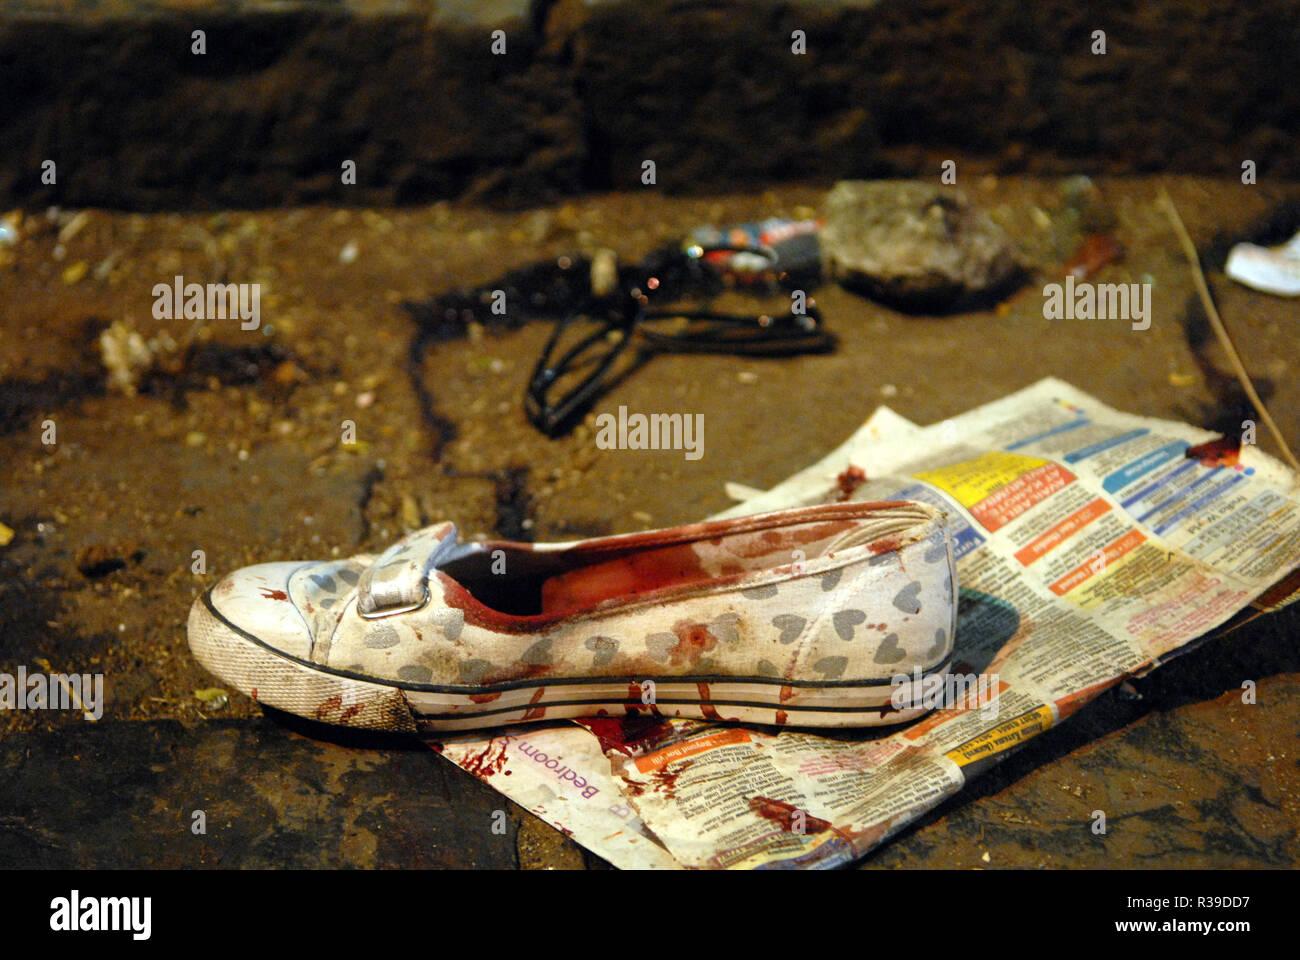 Un zapato con manchas de sangre en la estación de tren CST después de Mumbai fue atacado por Deccan Muyahidín terroristas en el sur de Mumbai, India el 26/11/2008. Los terroristas mataron a 100 personas y más de 200 heridos en una serie de ataques coordinados a través de la India?s del centro financiero de Mumbai como pistoleros fuertemente armados en grupos de dos a cuatro abrieron fuego con armas automáticas y granadas lobbed en 10 lugares en el sur de Mumbai, incluidos los cinco estrellas hoteles Taj y Trident, la ciudad?s terminal principal de trenes, un hospital, una cafetería, un pub y una sala de cine. Foto: Dinodia (c) dpa - Report | uso en todo el mundo Foto de stock